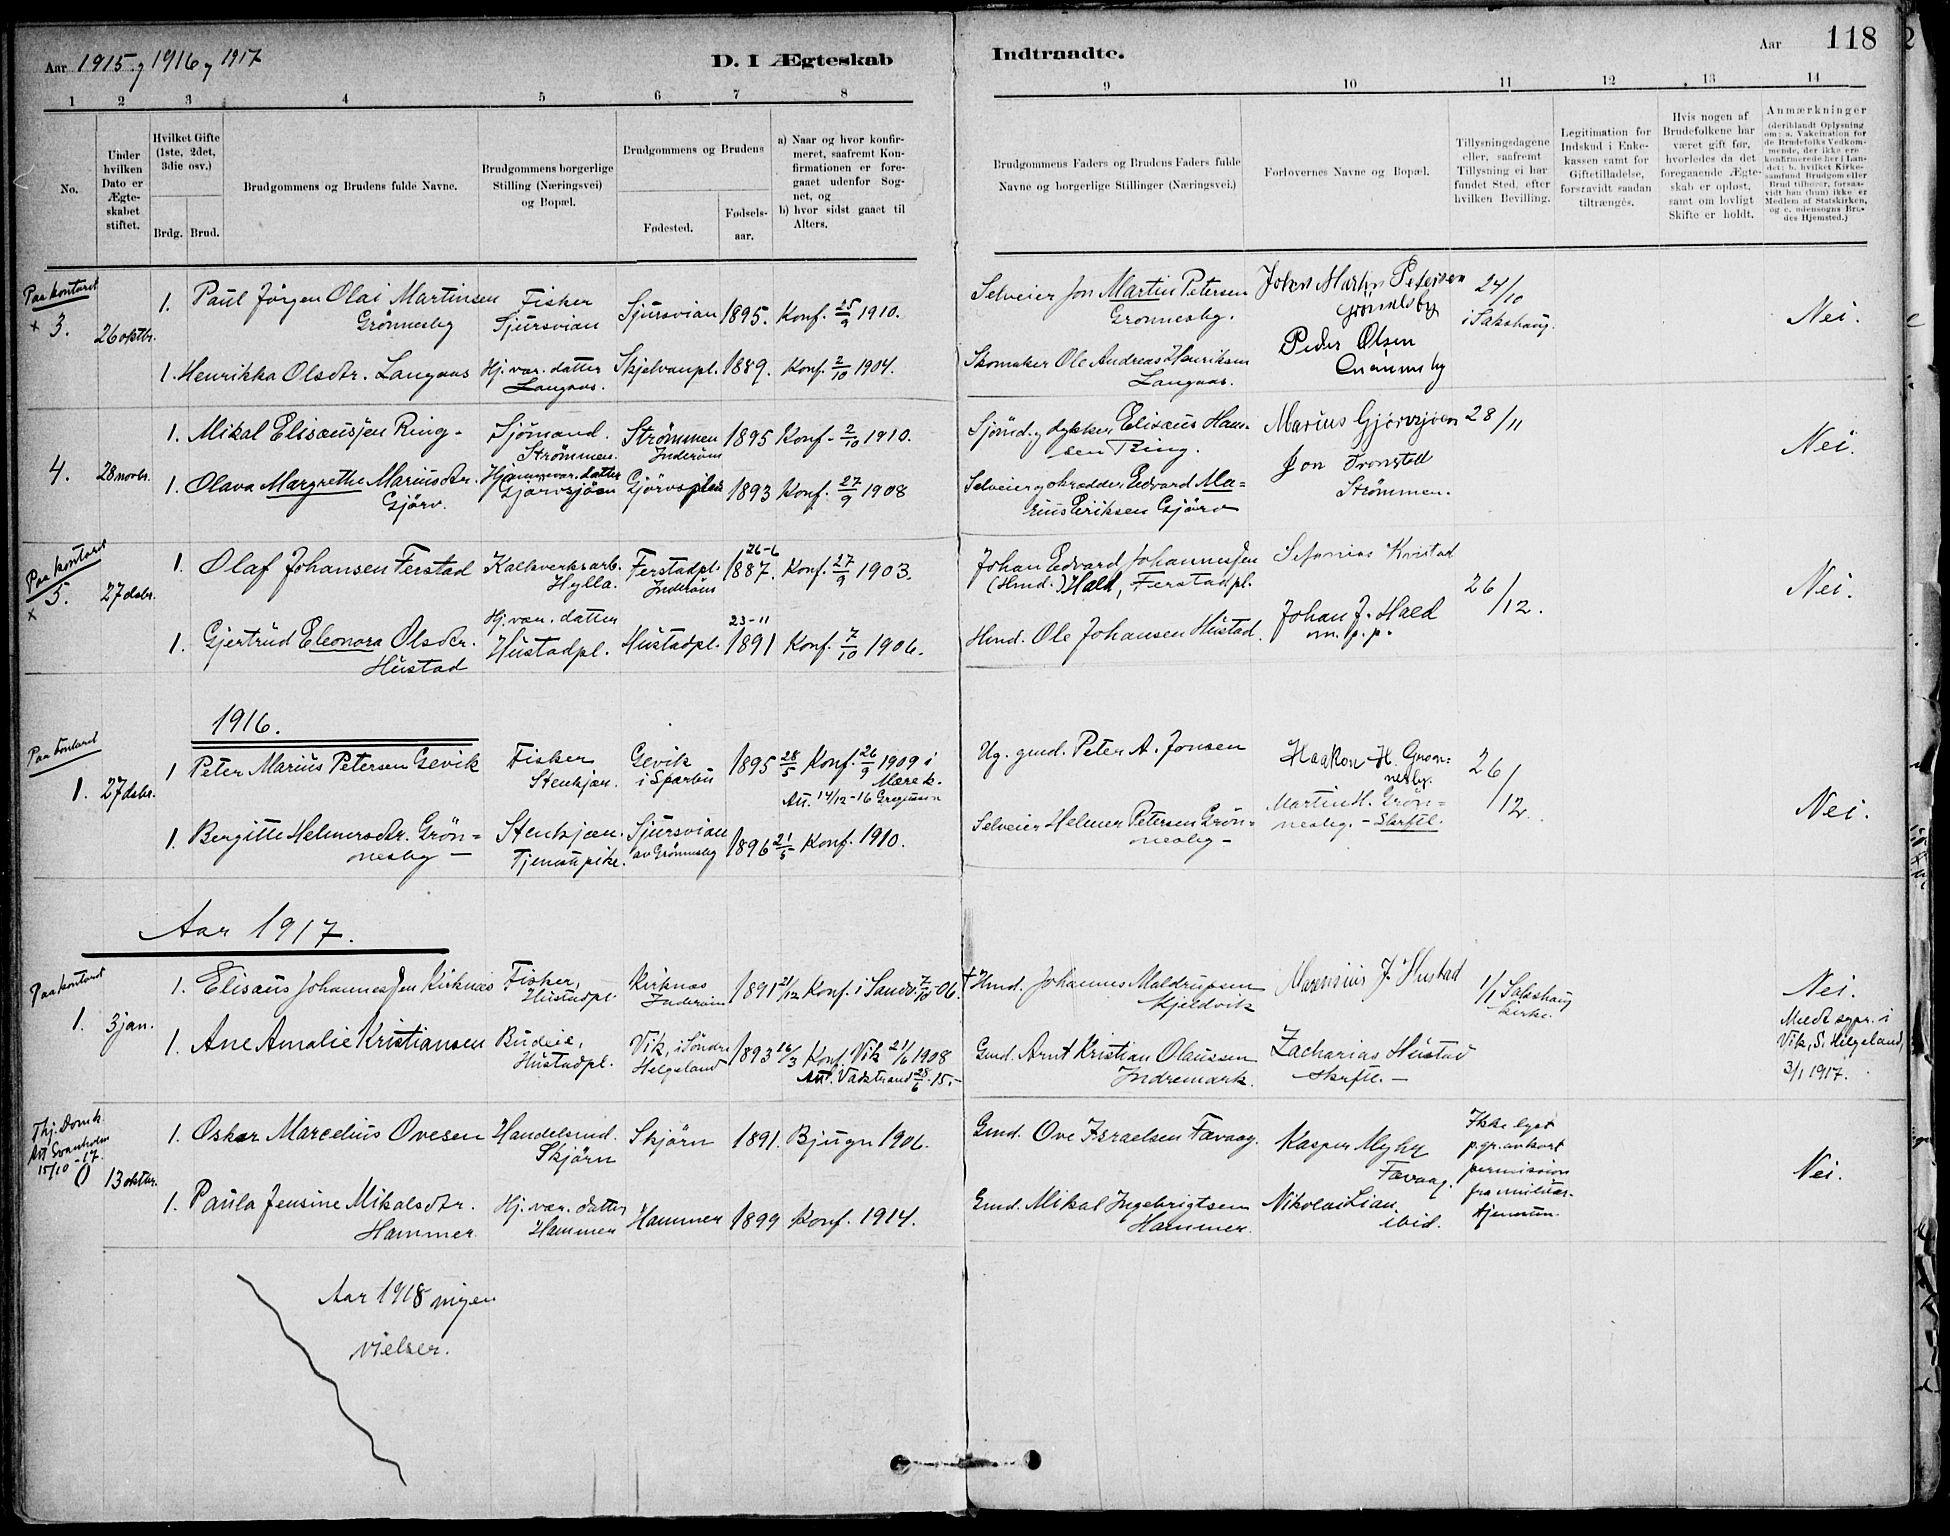 SAT, Ministerialprotokoller, klokkerbøker og fødselsregistre - Nord-Trøndelag, 732/L0316: Ministerialbok nr. 732A01, 1879-1921, s. 118